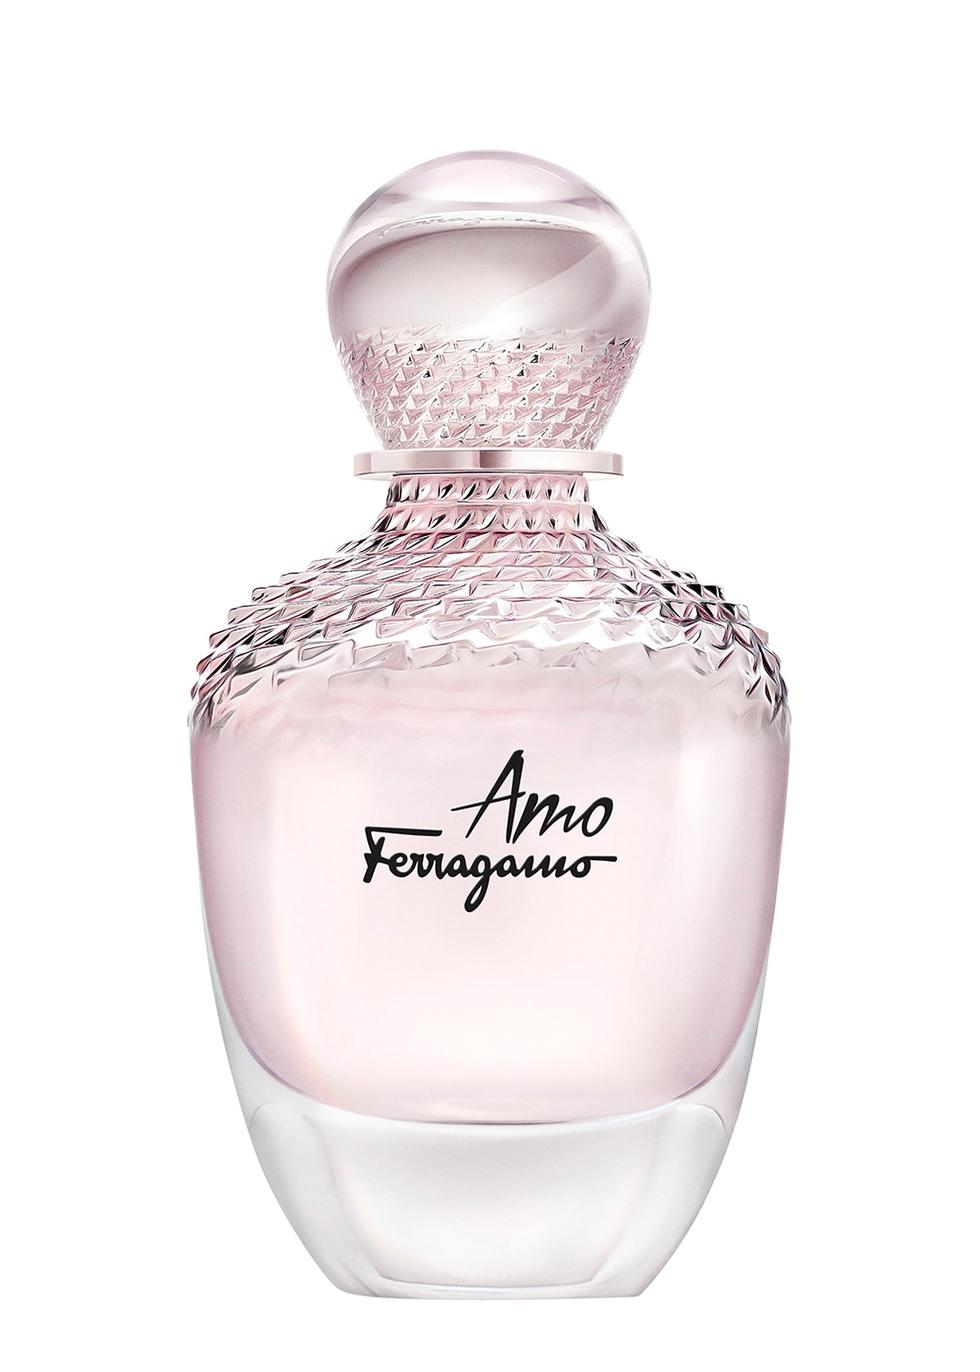 Amo Ferragamo Eau De Parfum 100ml - Salvatore Ferragamo